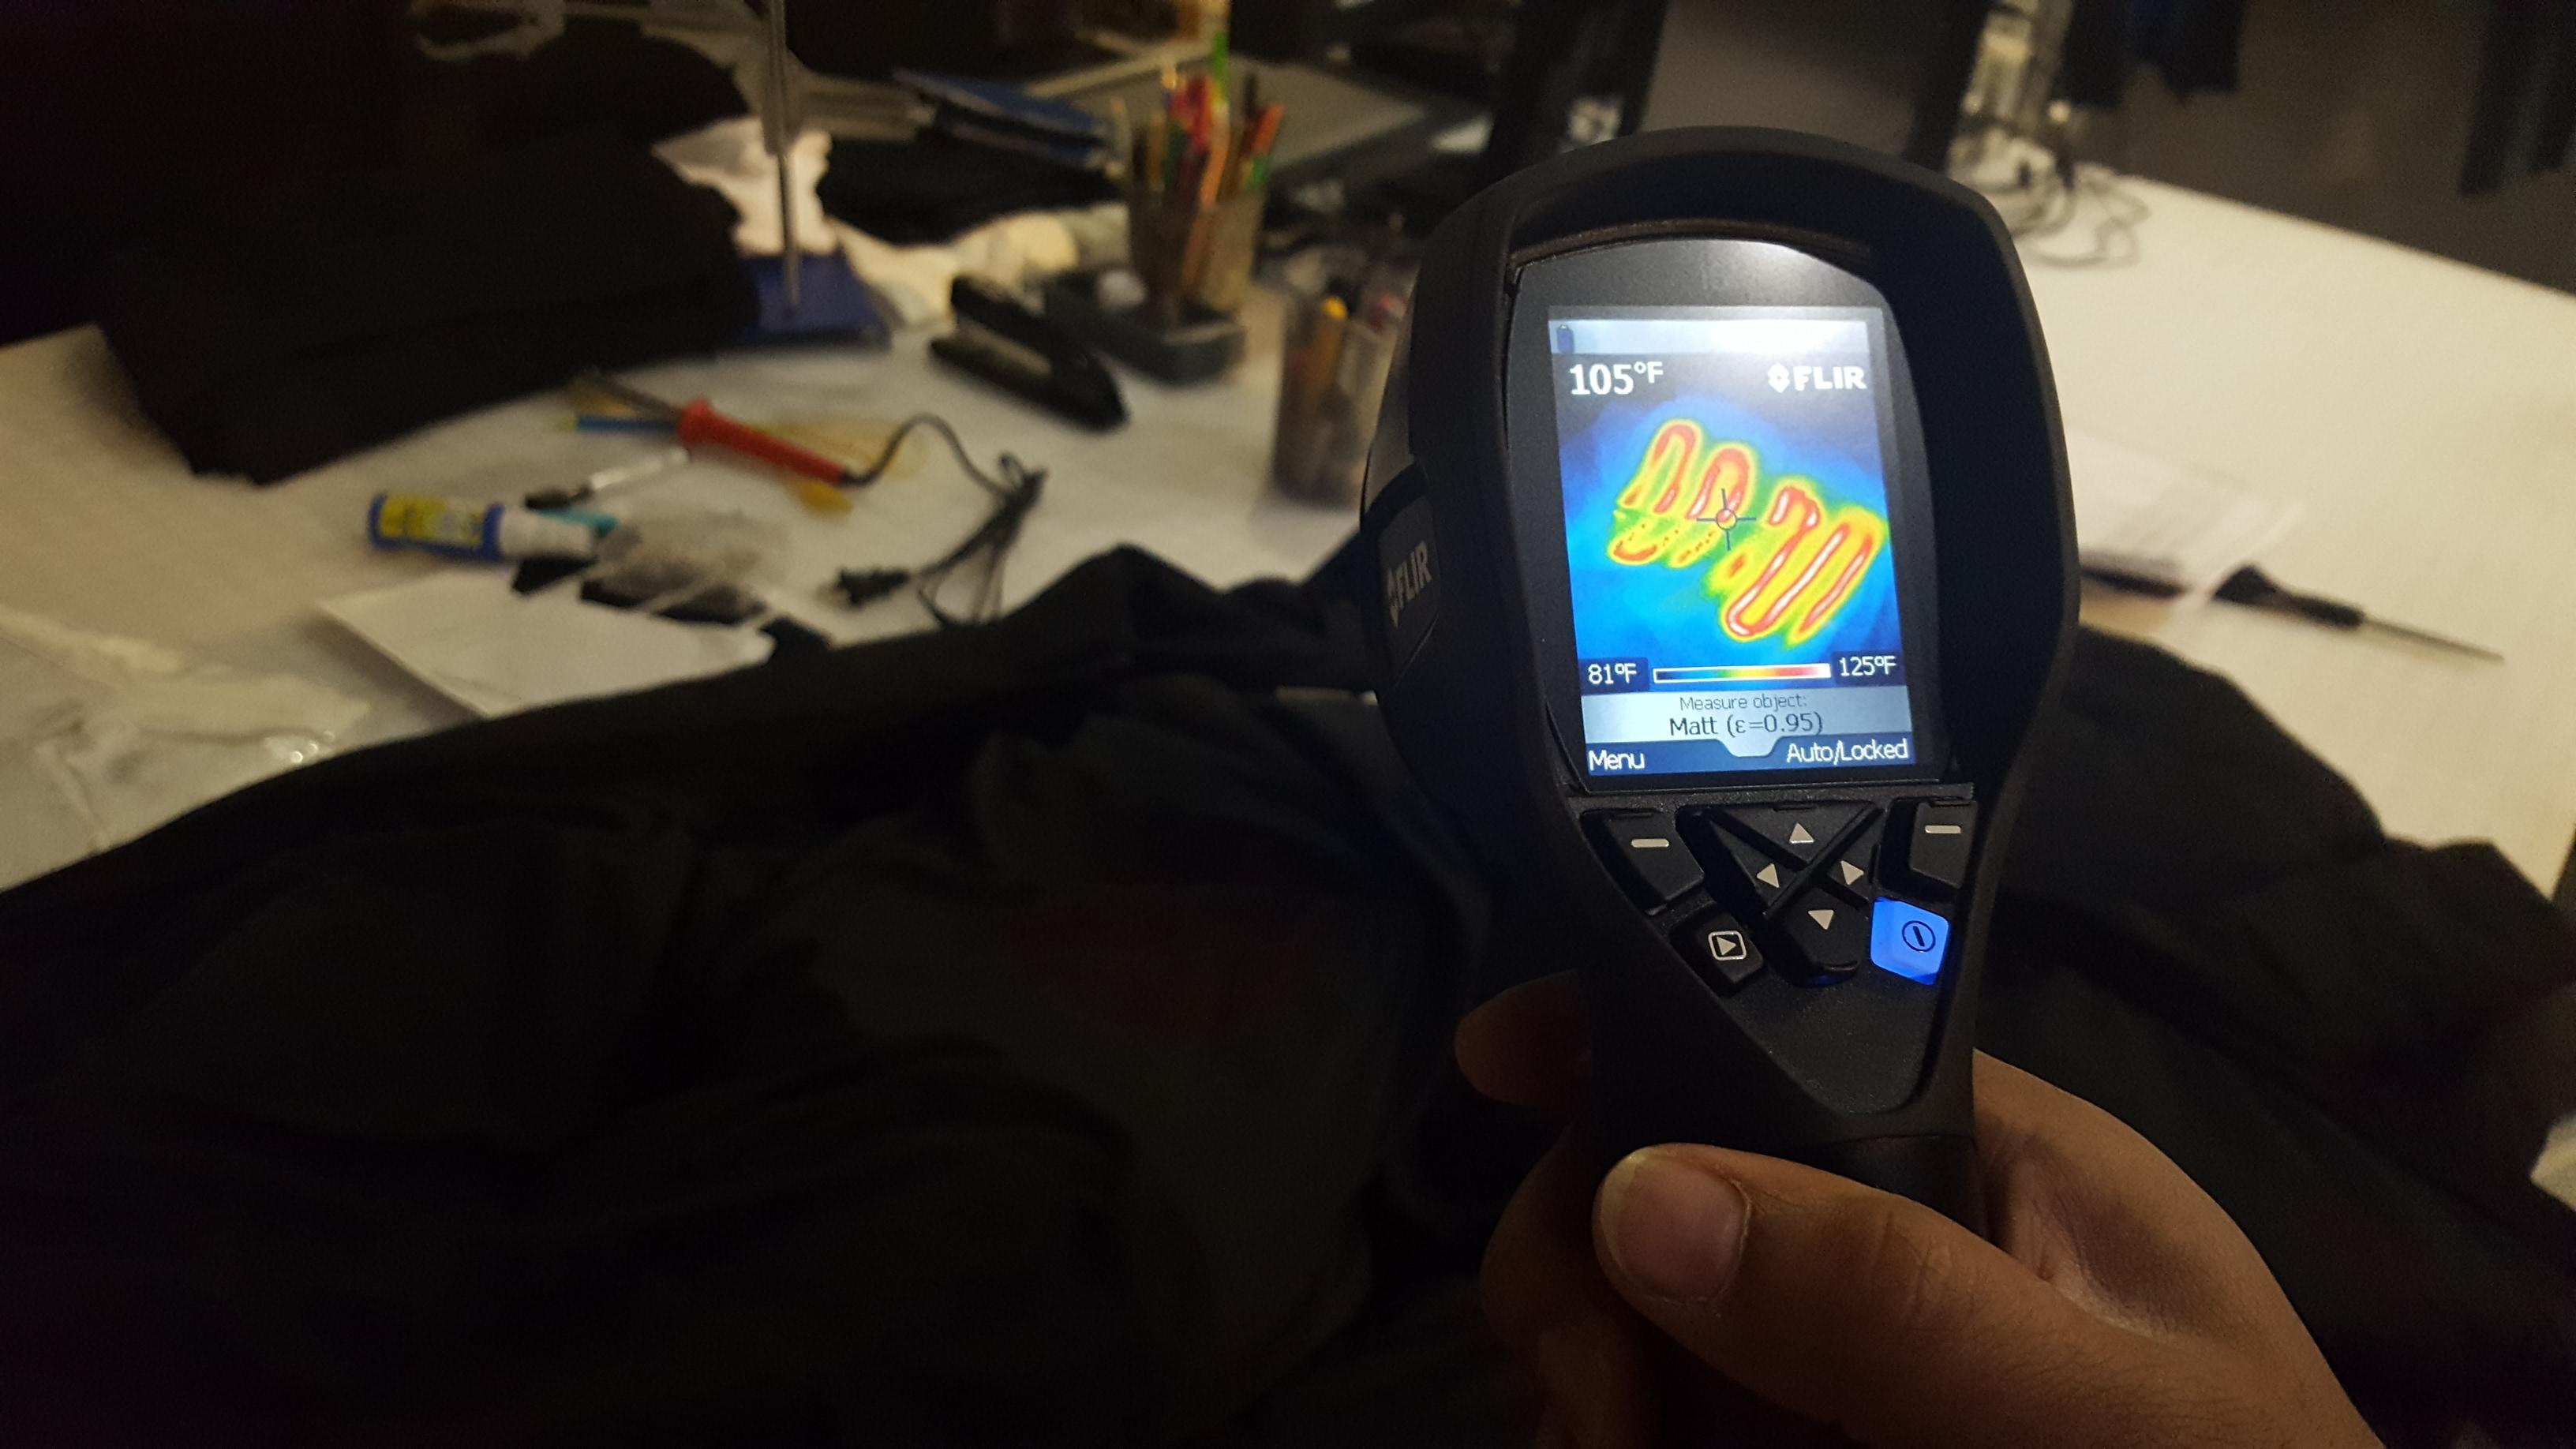 Una vista de cámara térmica del prototipo de la chaqueta Mercury.